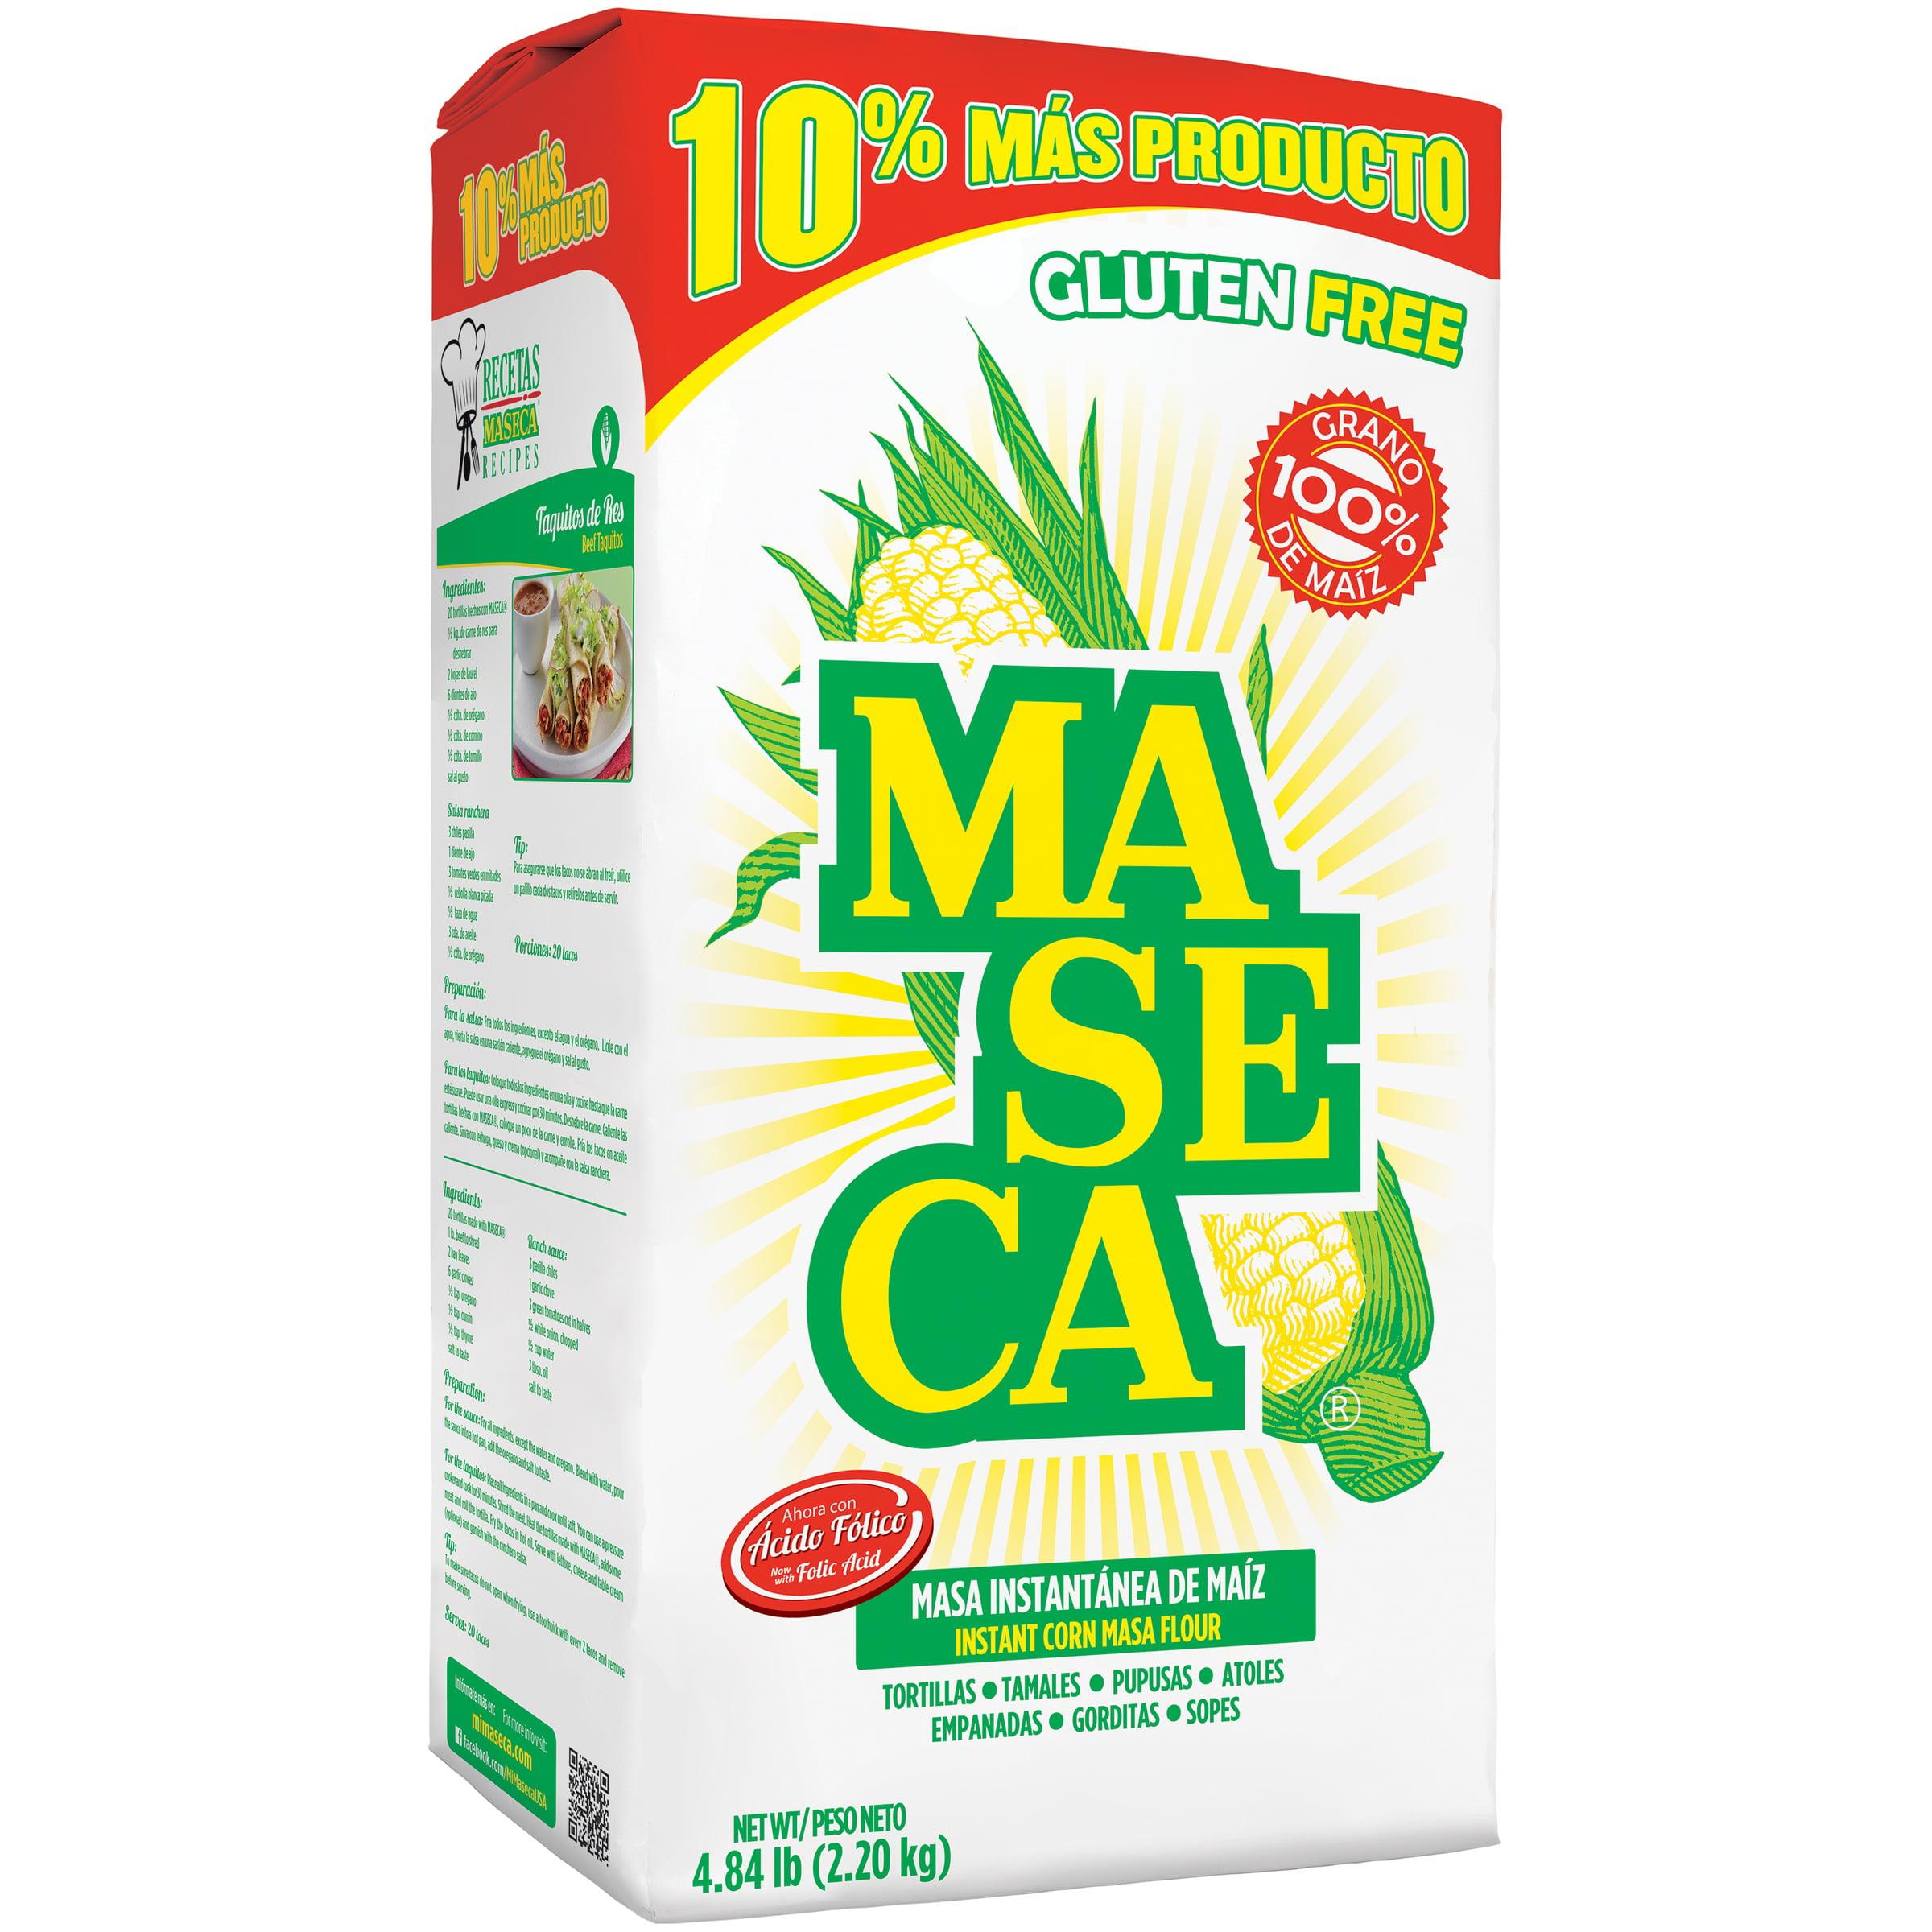 Maseca® Instant Corn Masa Flour 4.4 lb. Bag